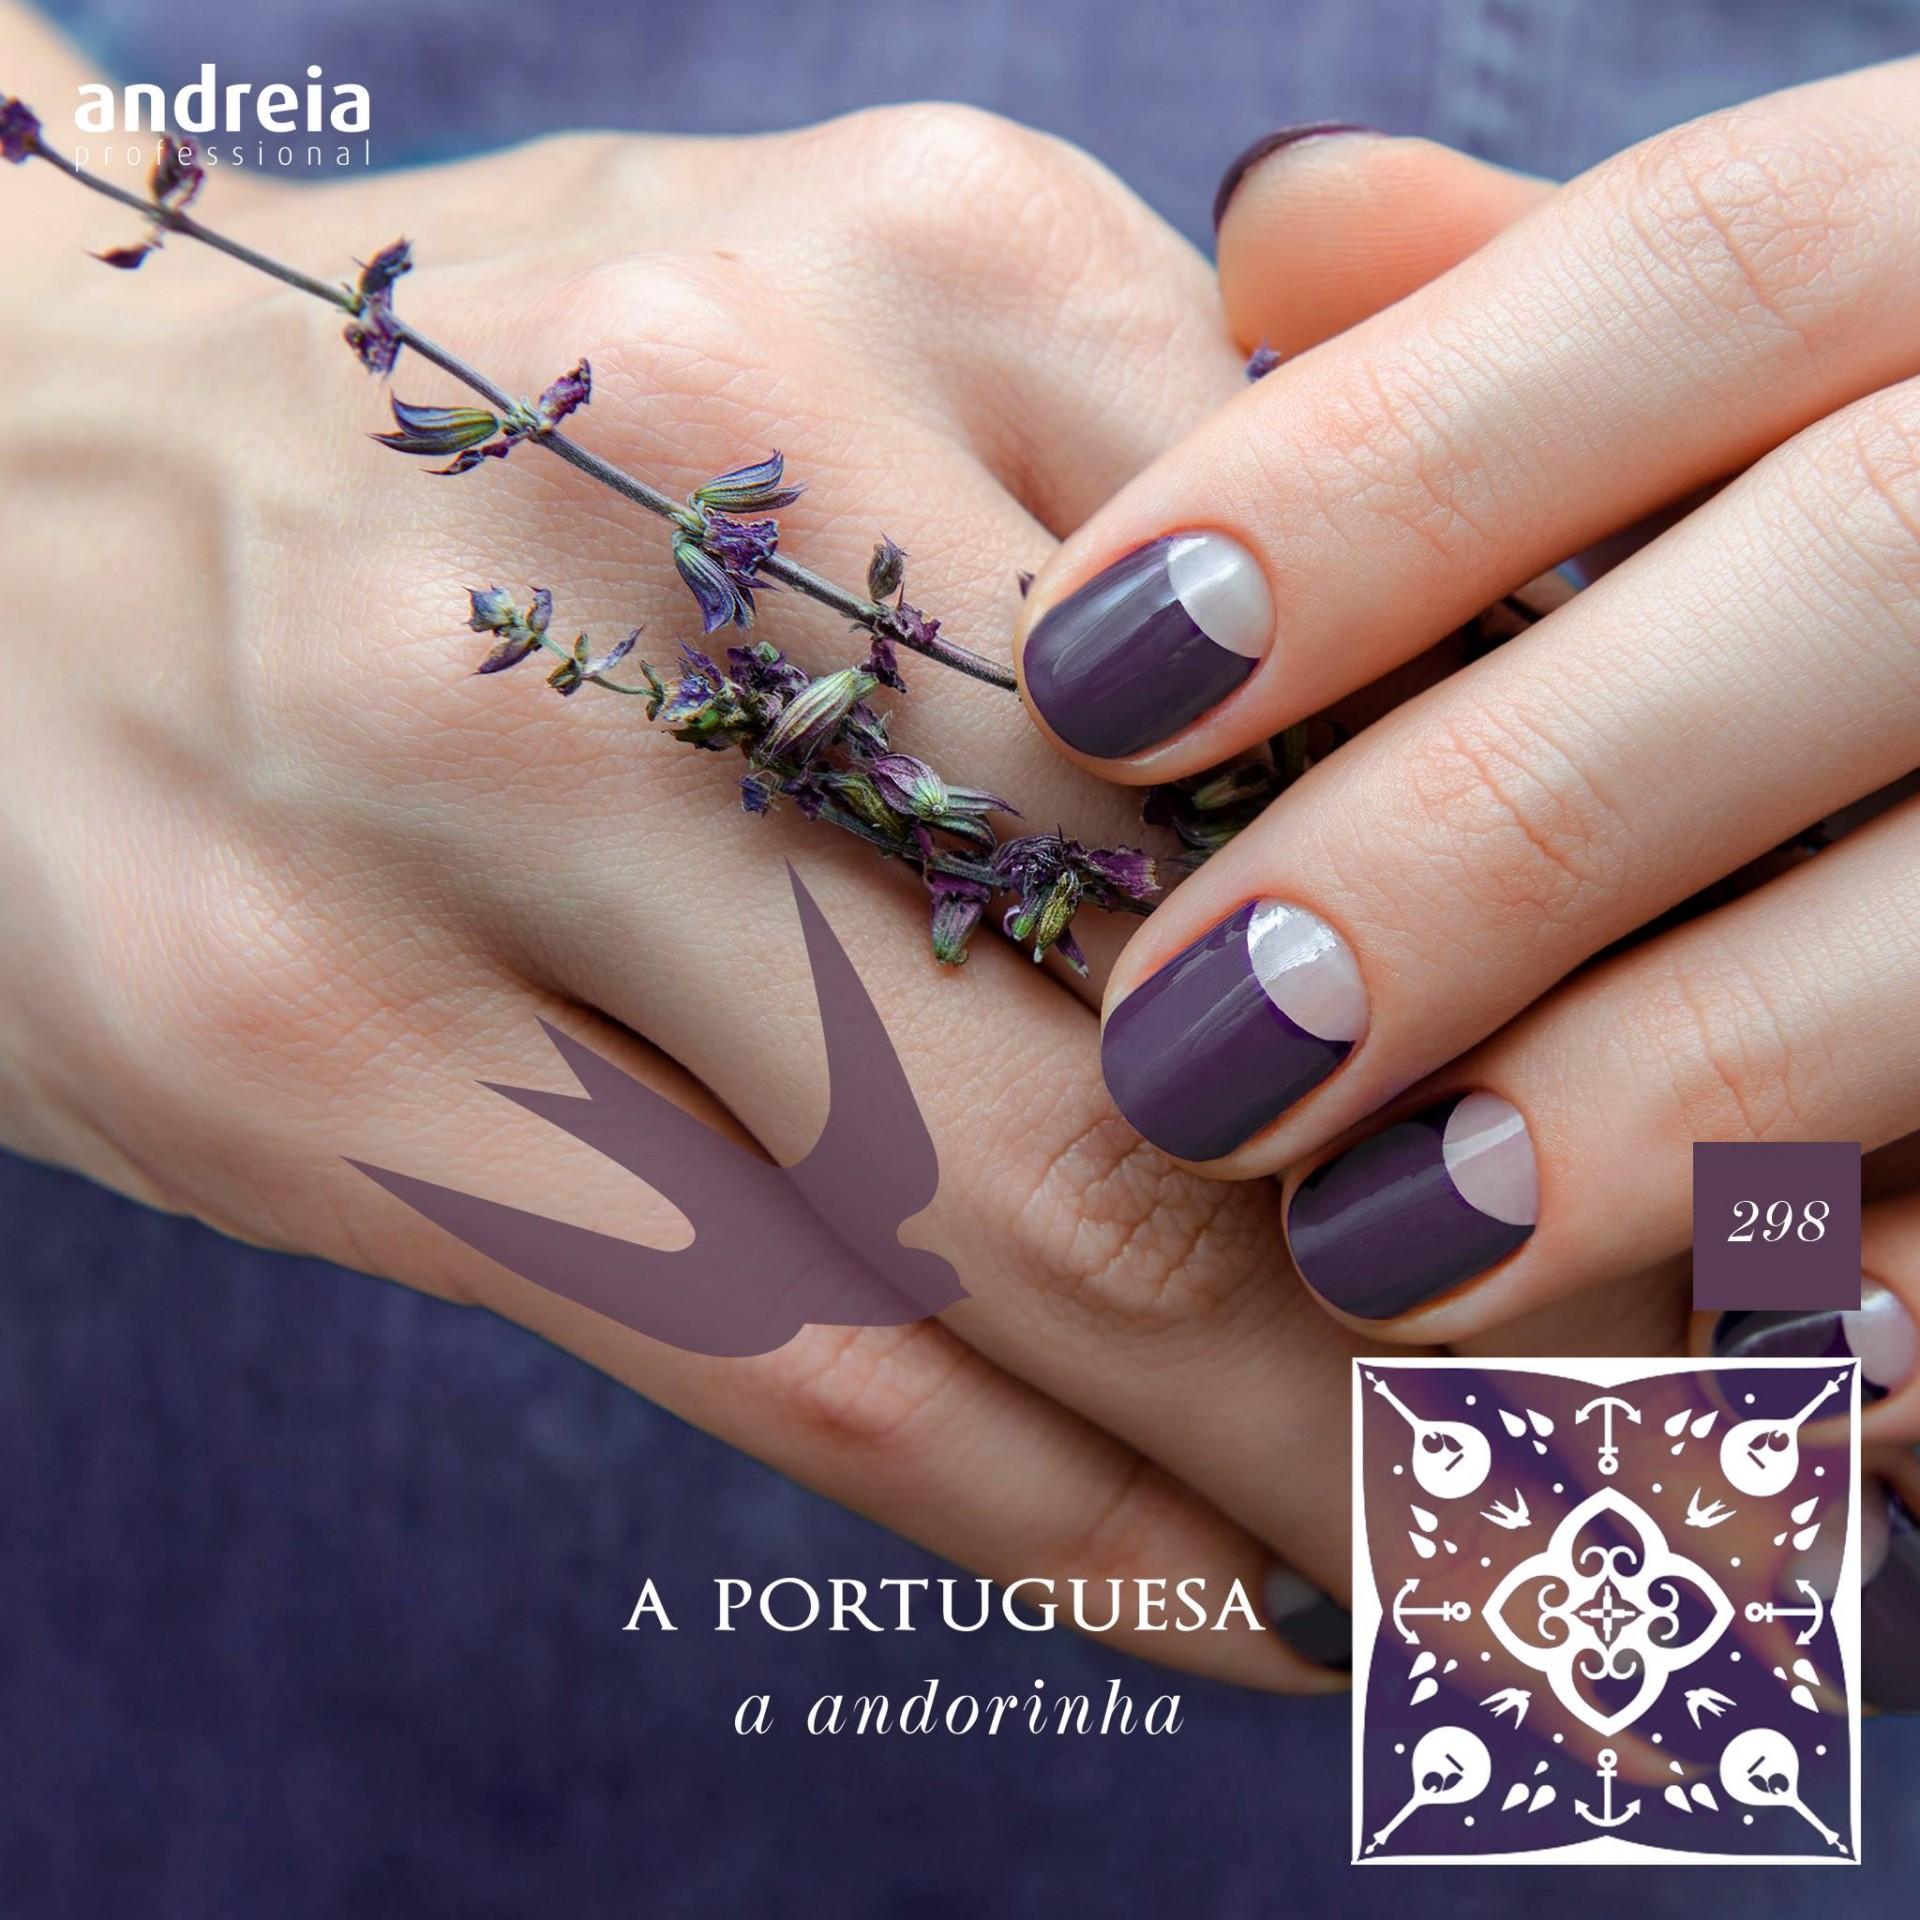 Verniz Gel Andreia 298 – A andorinha (lilás)